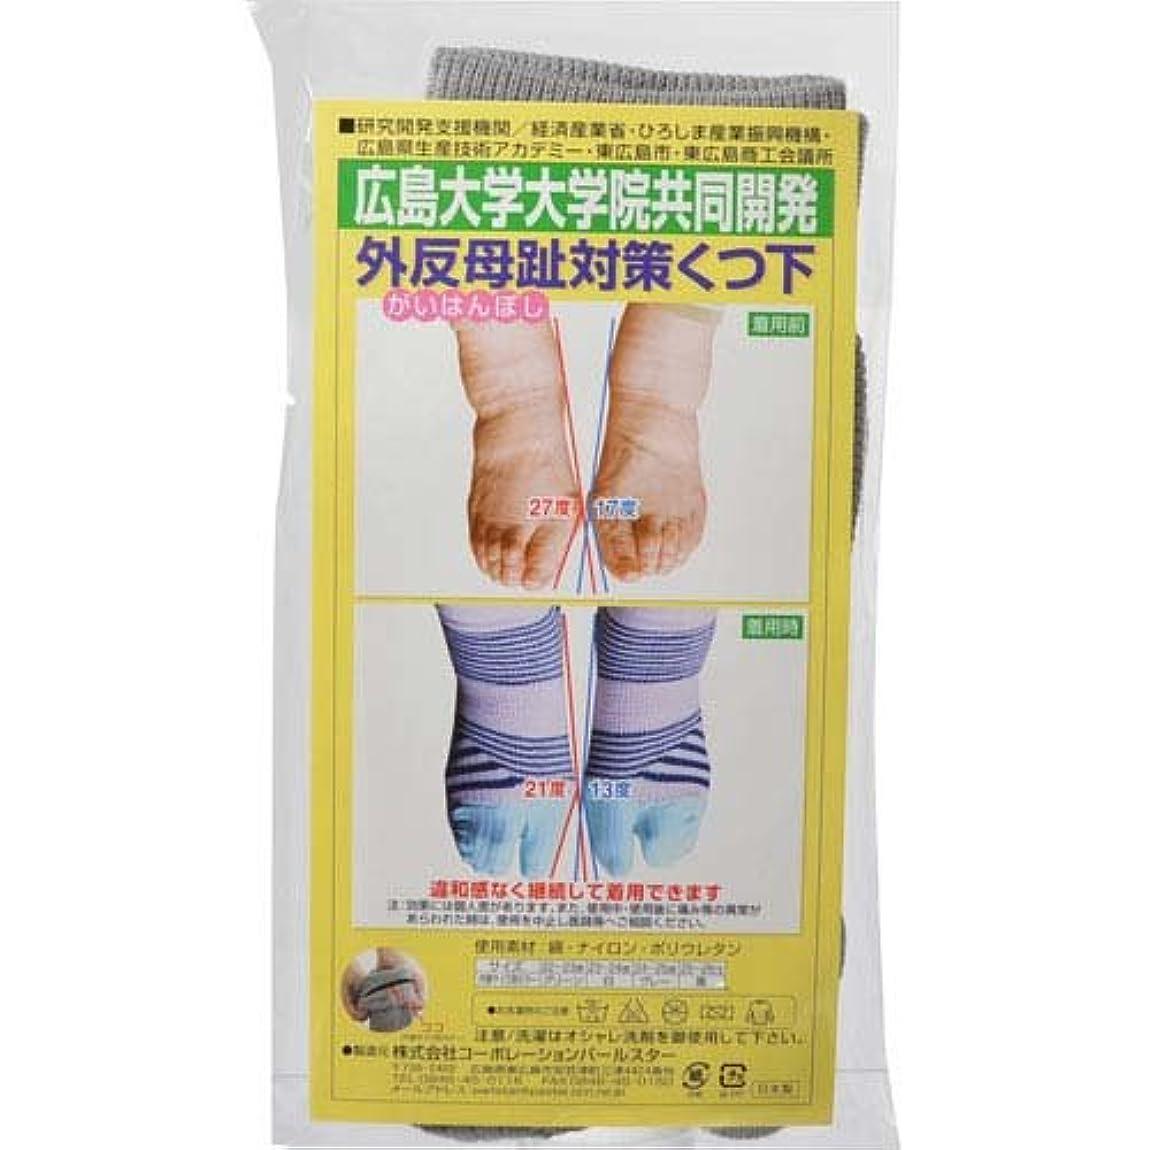 確認する独裁米国蘭華 外反母趾対策靴下 グレー 22-23cm